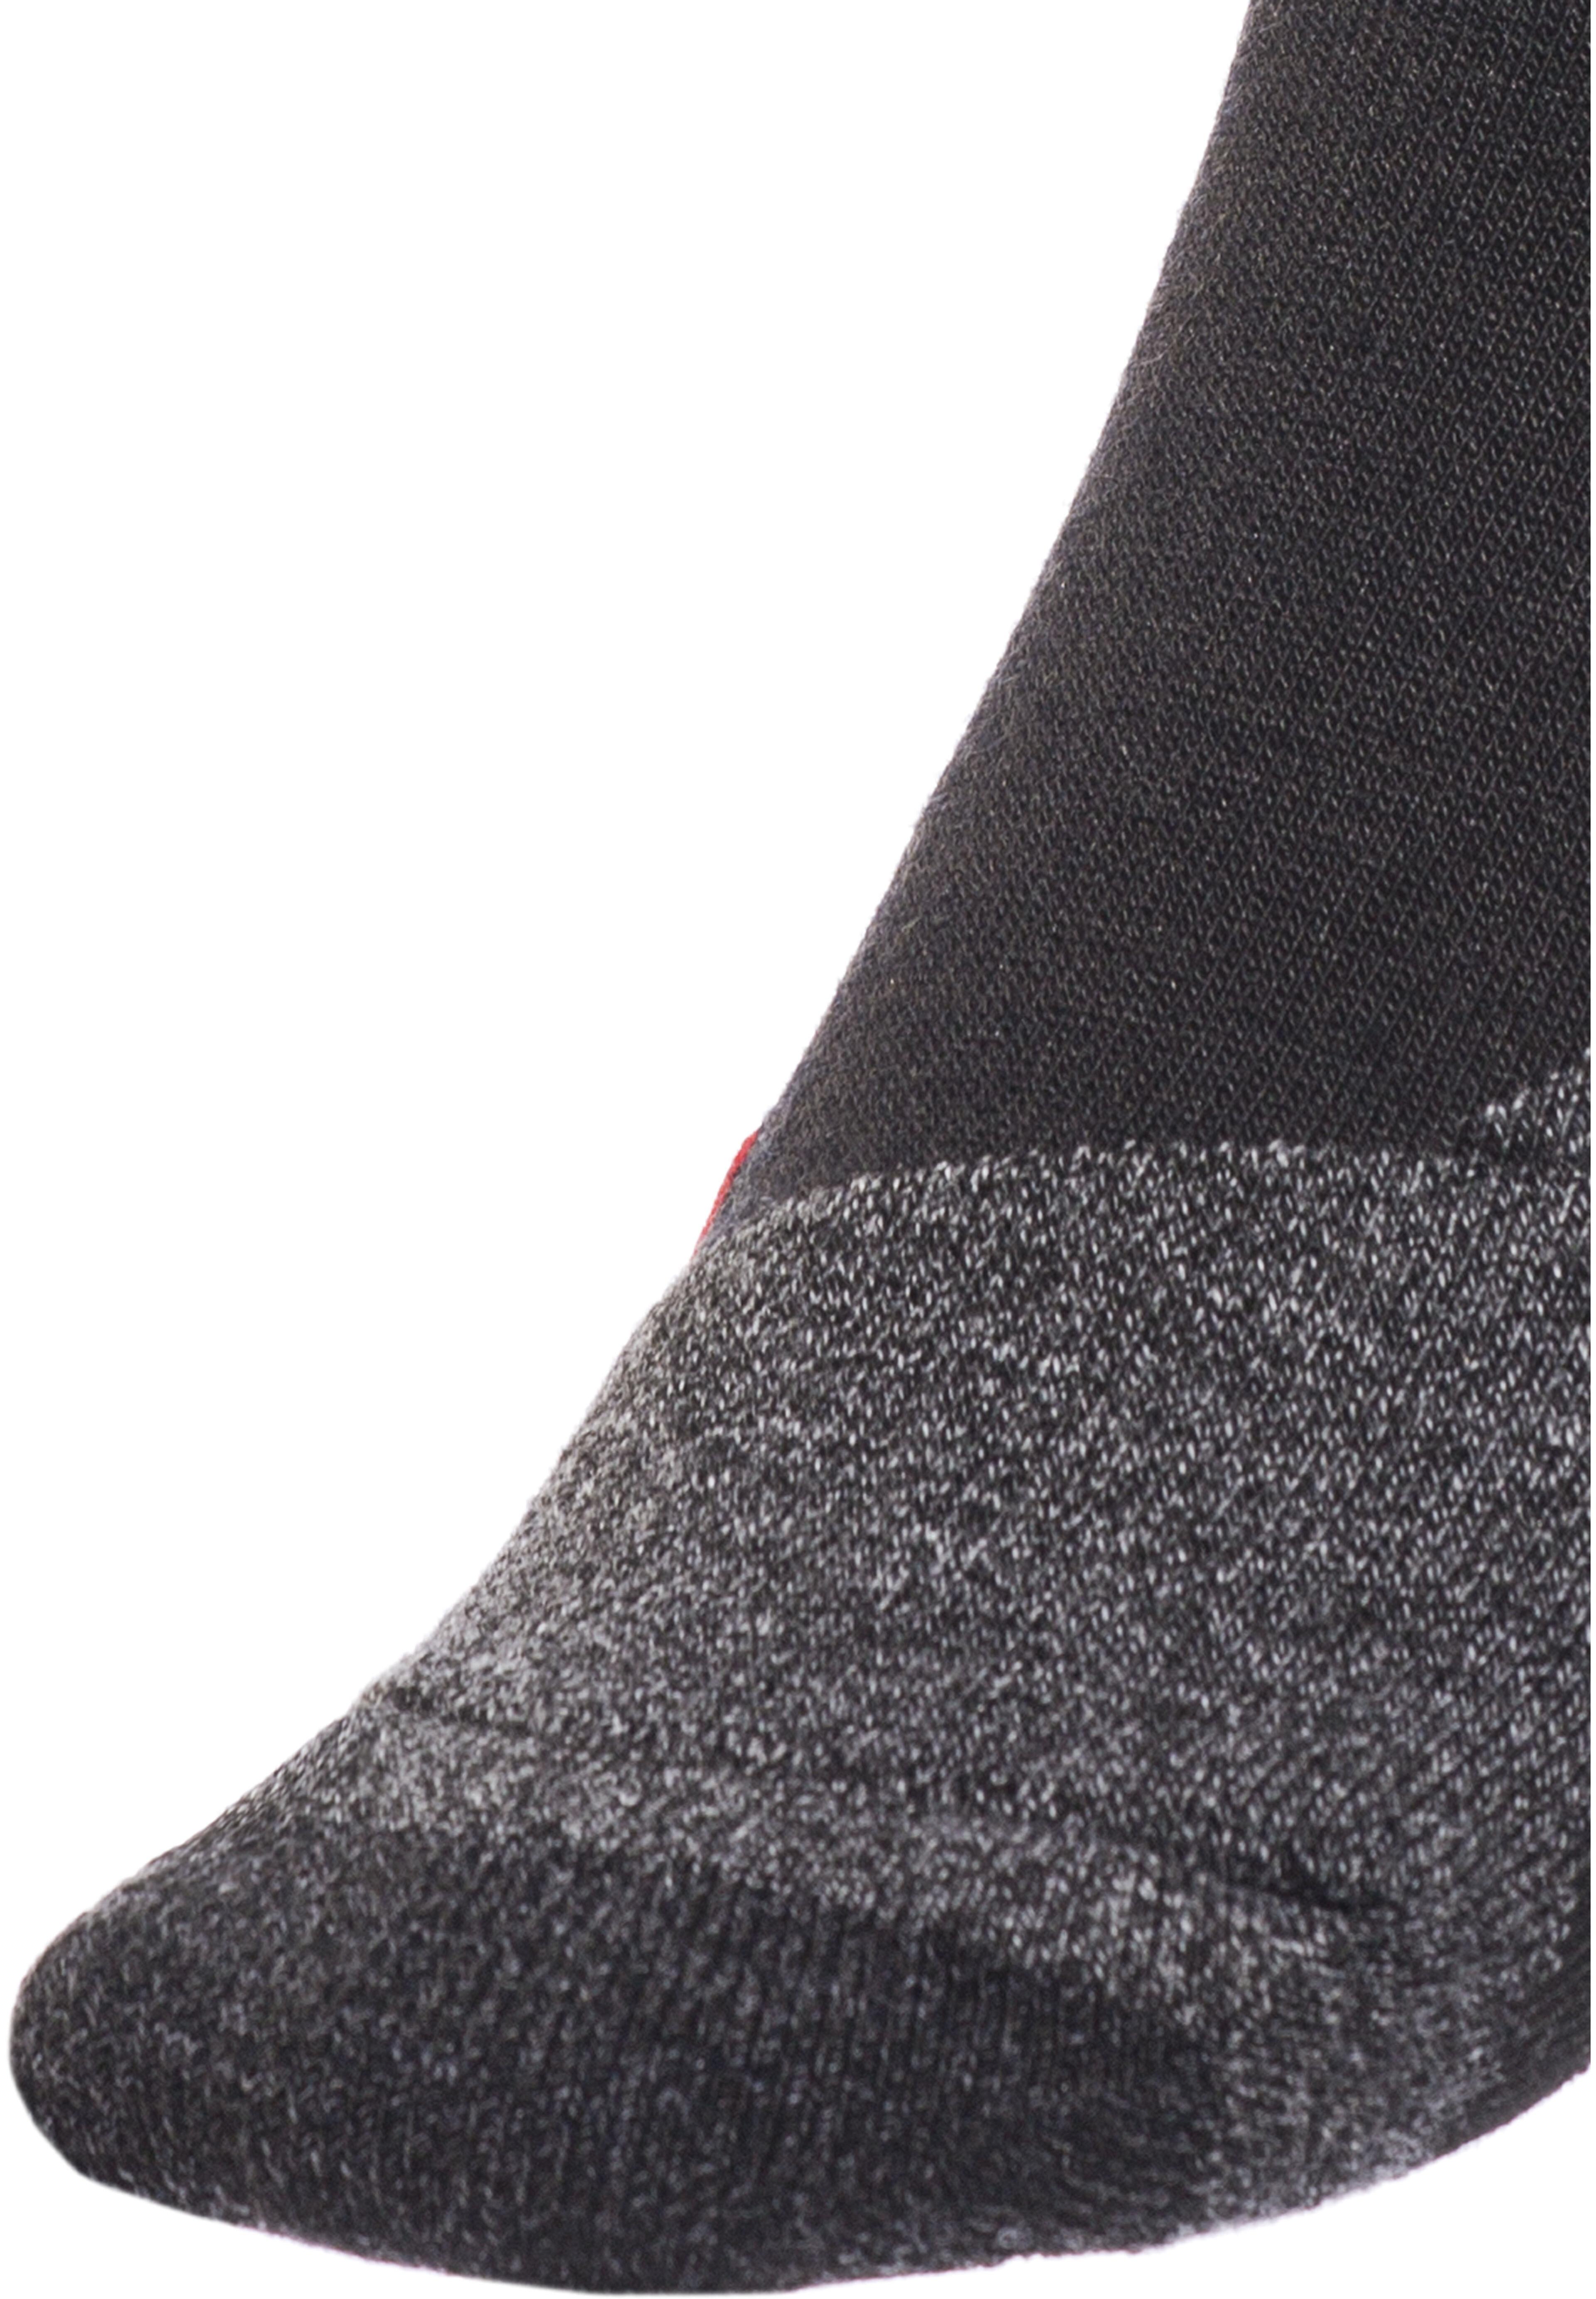 Calcetines Falke TK2 negro para hombre | Campz.es